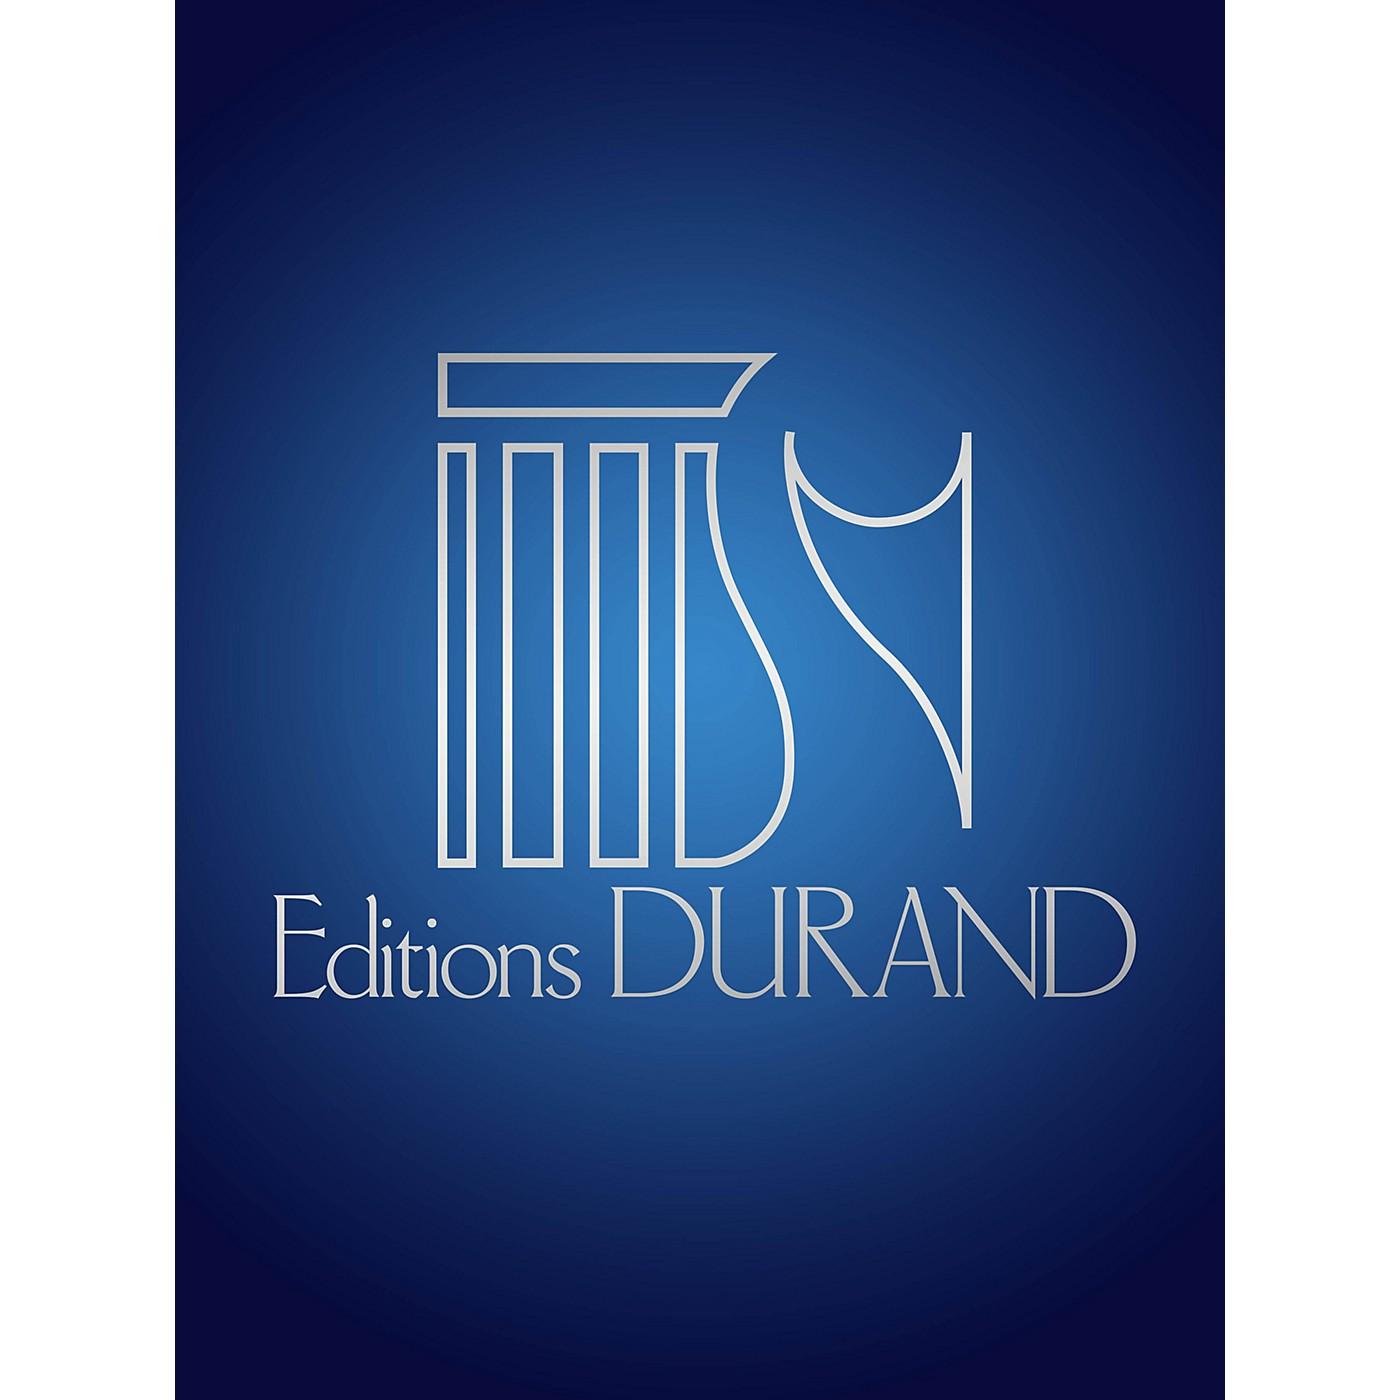 Hal Leonard La Mort Du Nombre Sop/ten/vn/pno (1978 Revision By Composer) P/v Score W/sep Vn Pt thumbnail